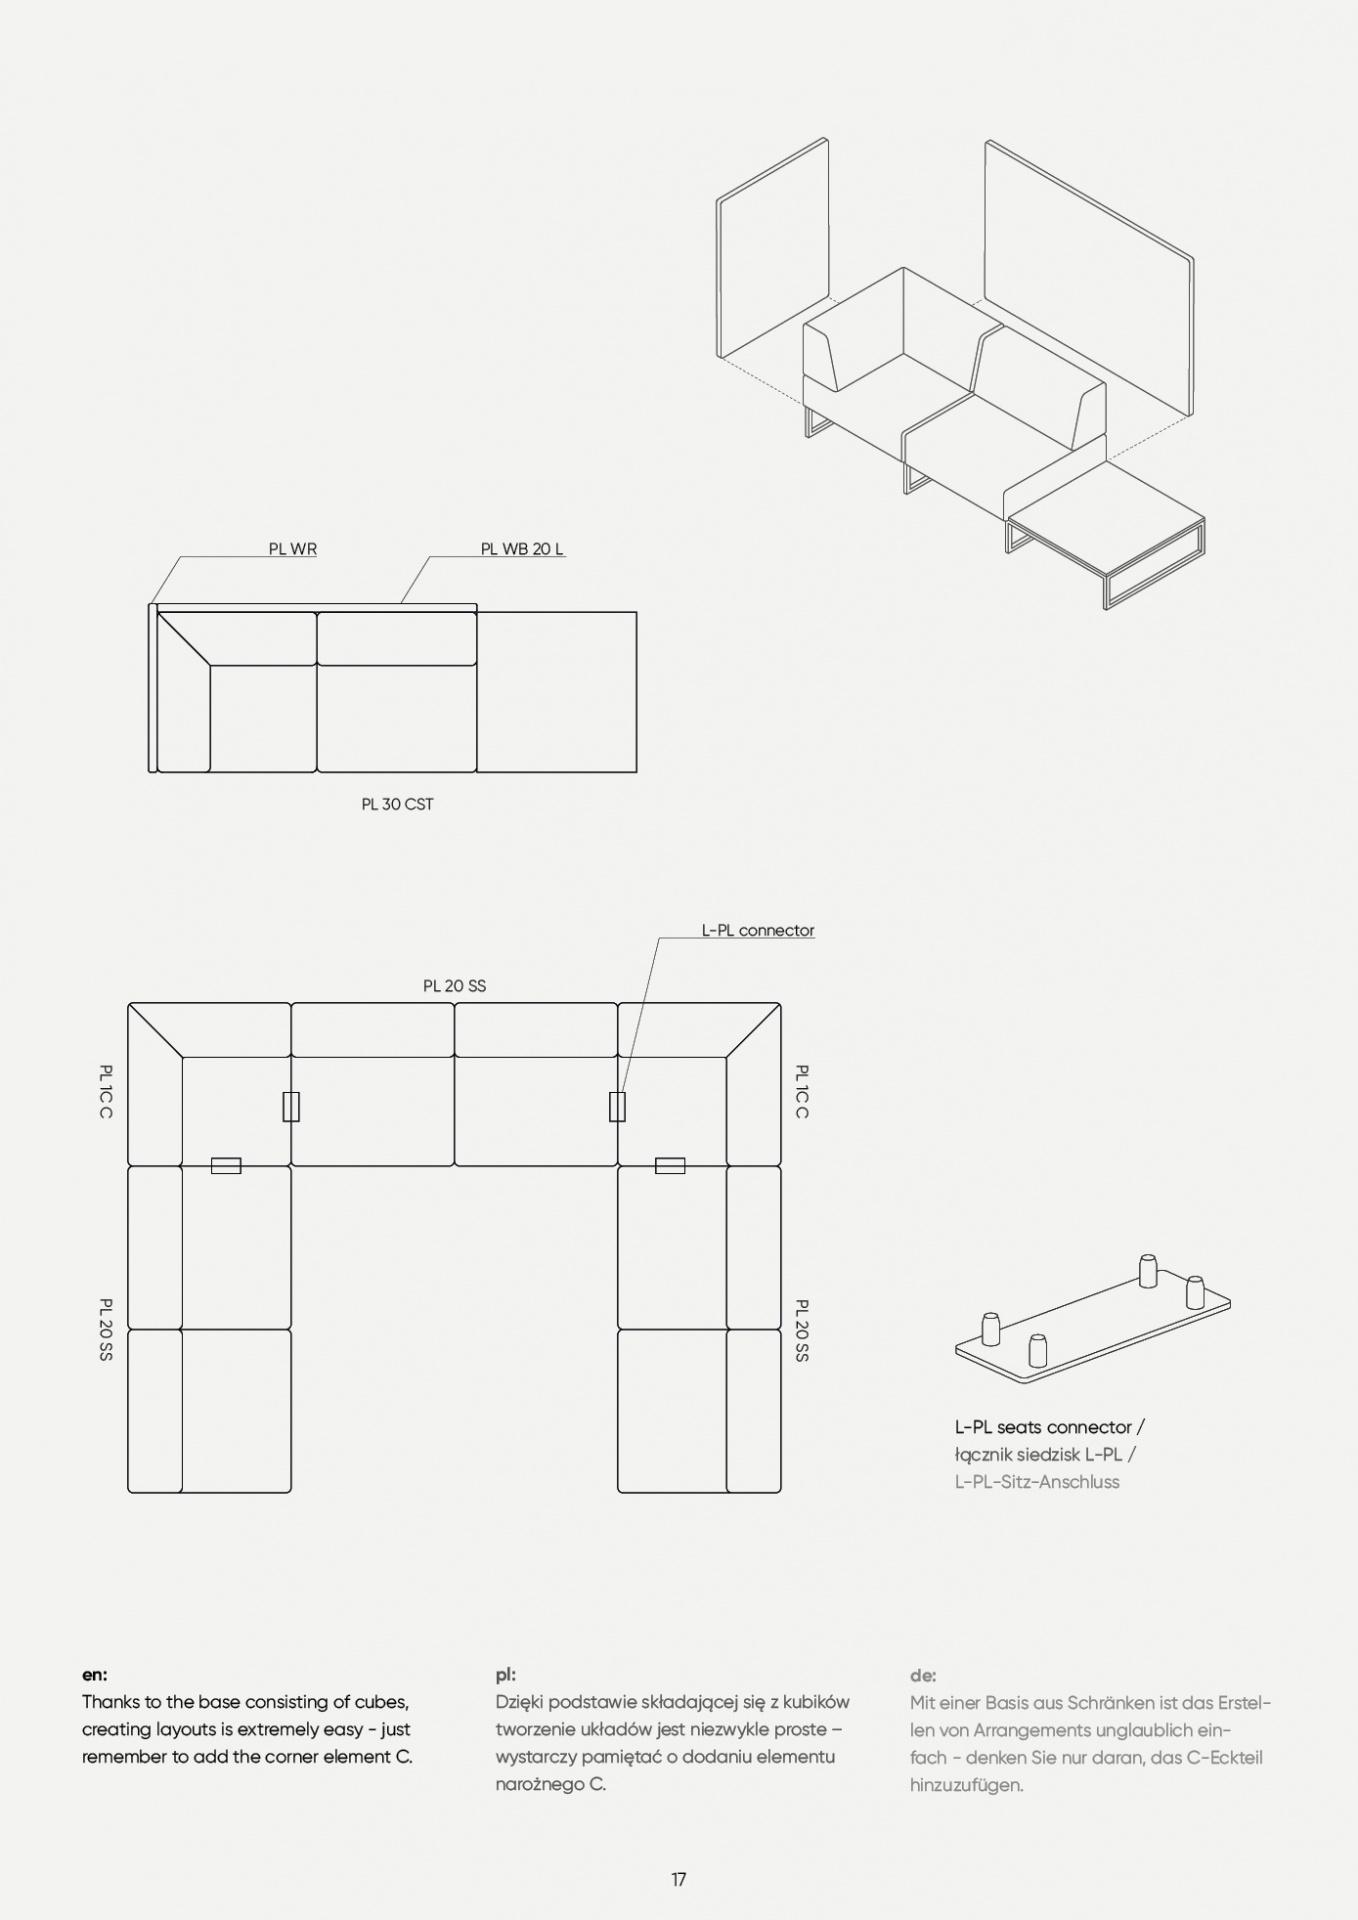 plint-catalogue-v2-17.jpg